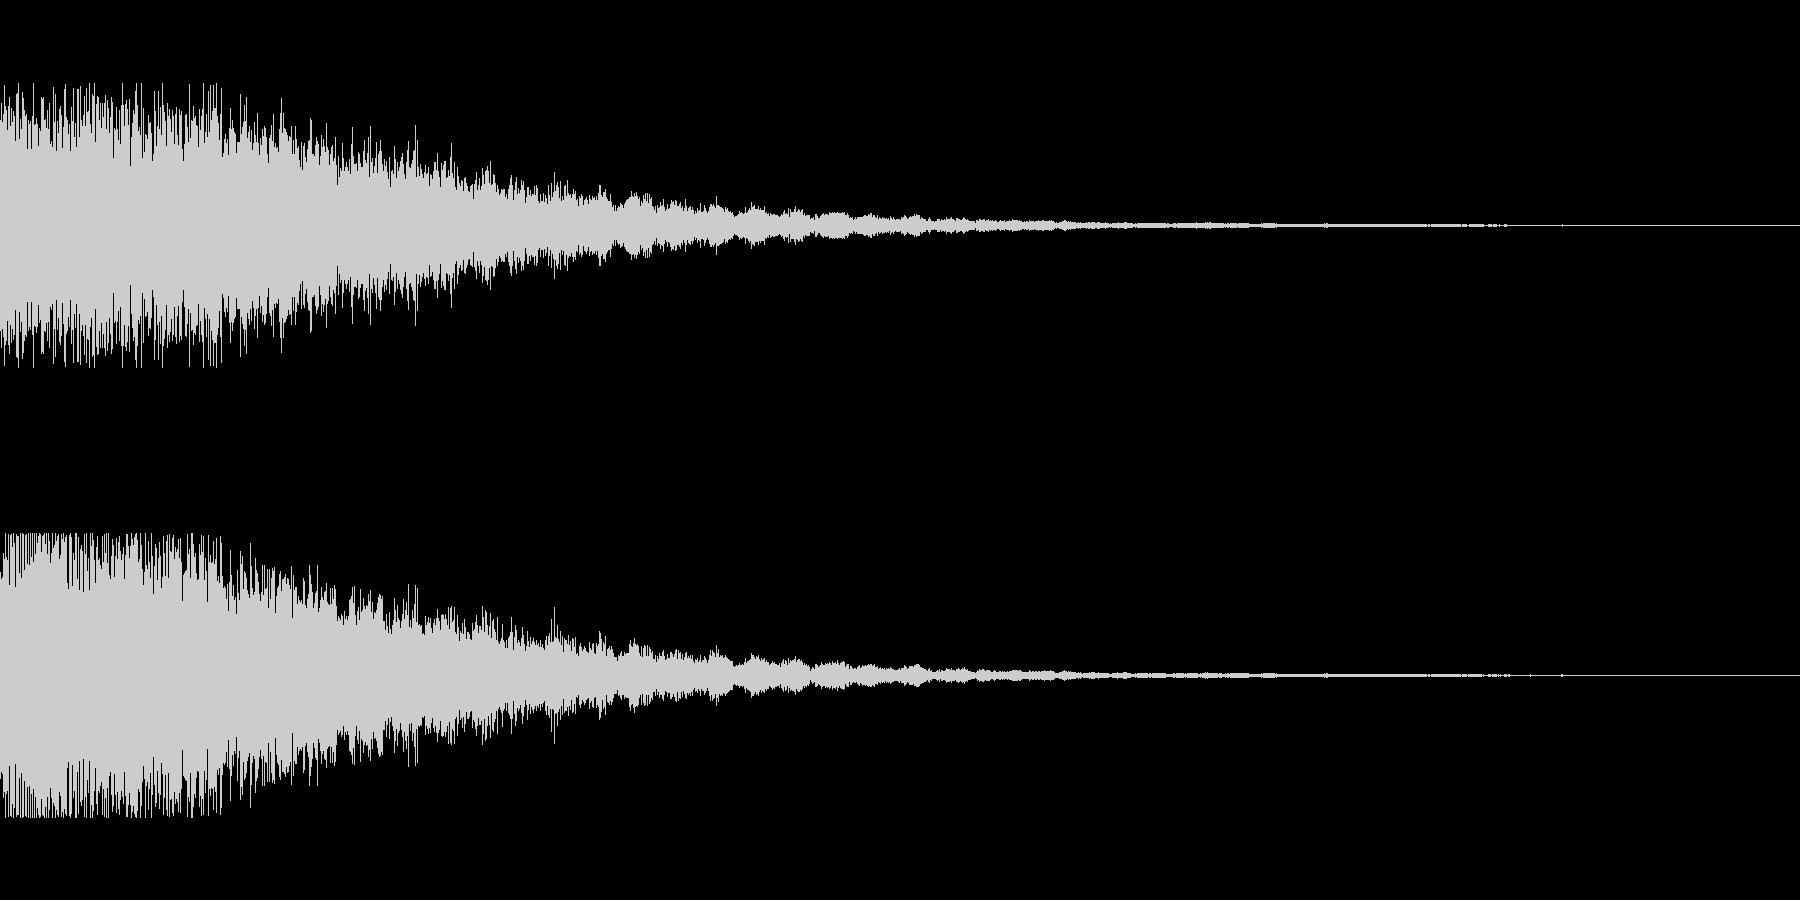 [ジャキーン]決定音(明るく力強く)の未再生の波形